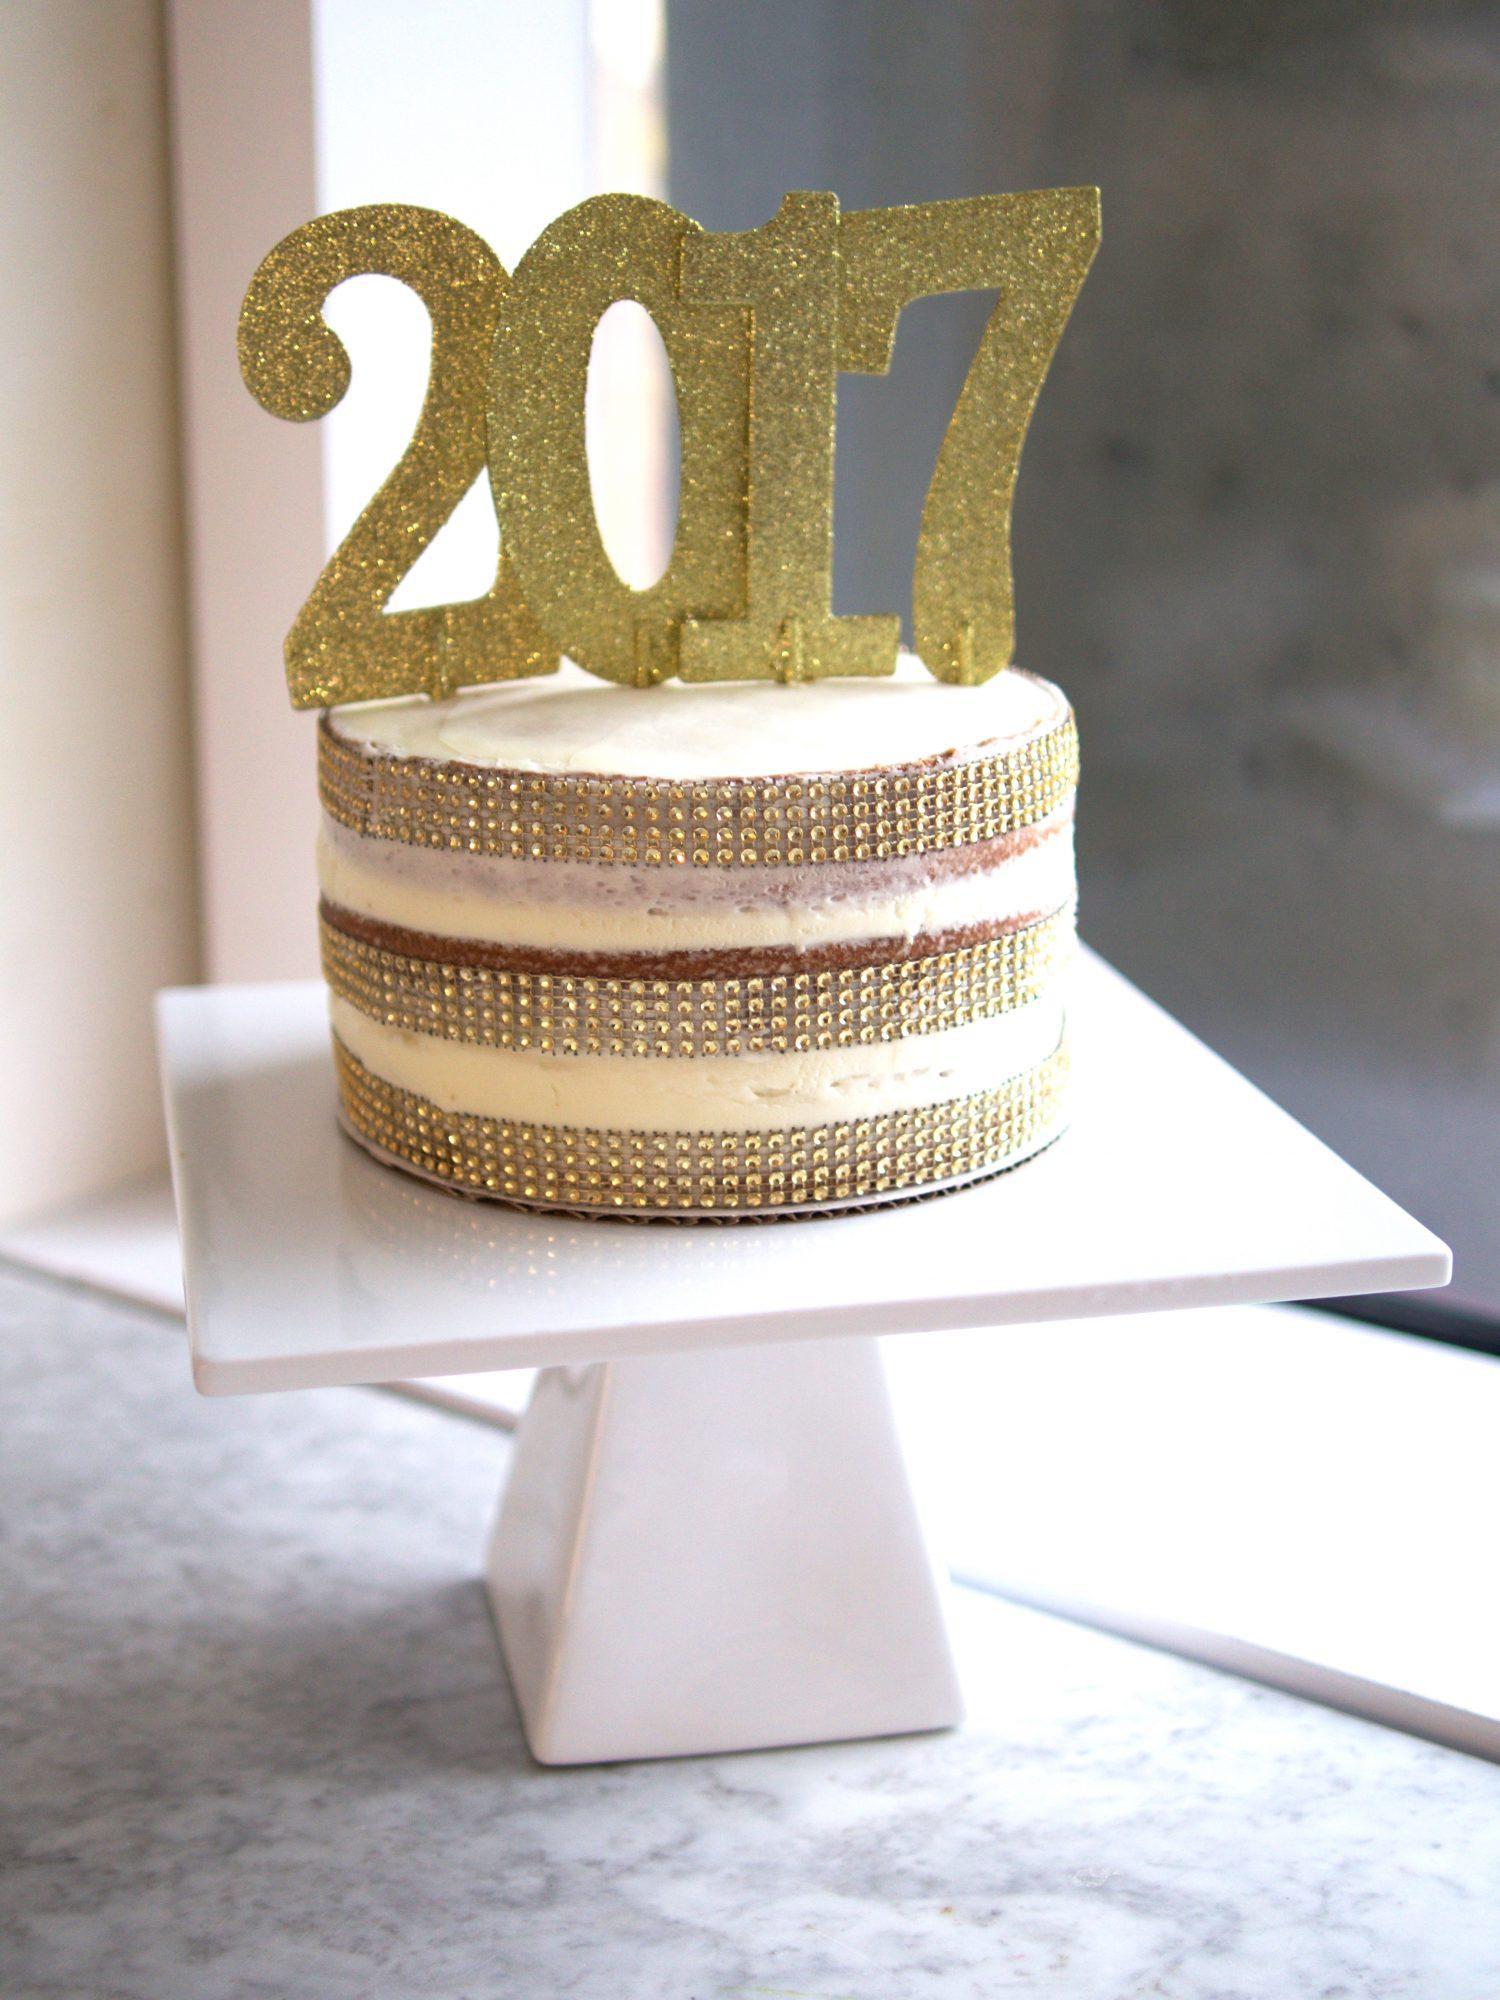 NYE Bling Cake